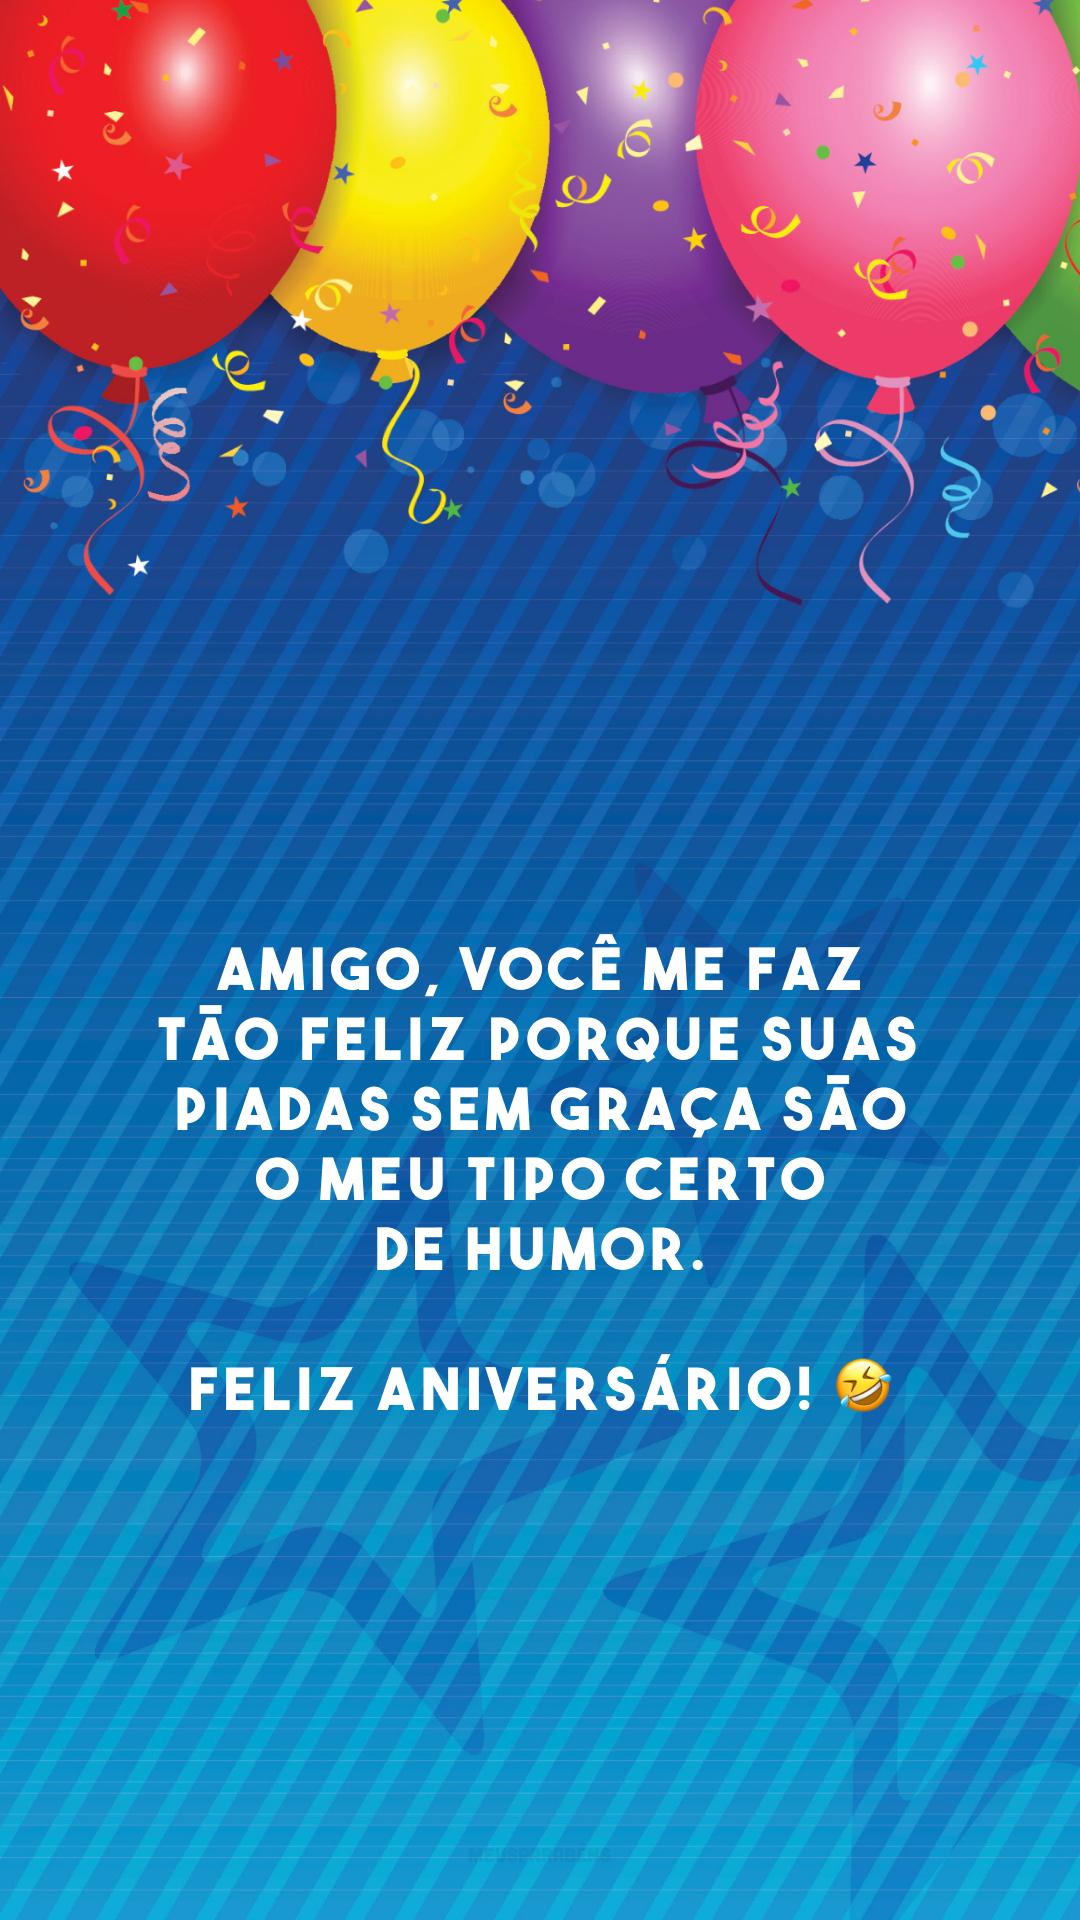 Amigo, você me faz tão feliz porque suas piadas sem graça são o meu tipo certo de humor. Feliz aniversário! 🤣